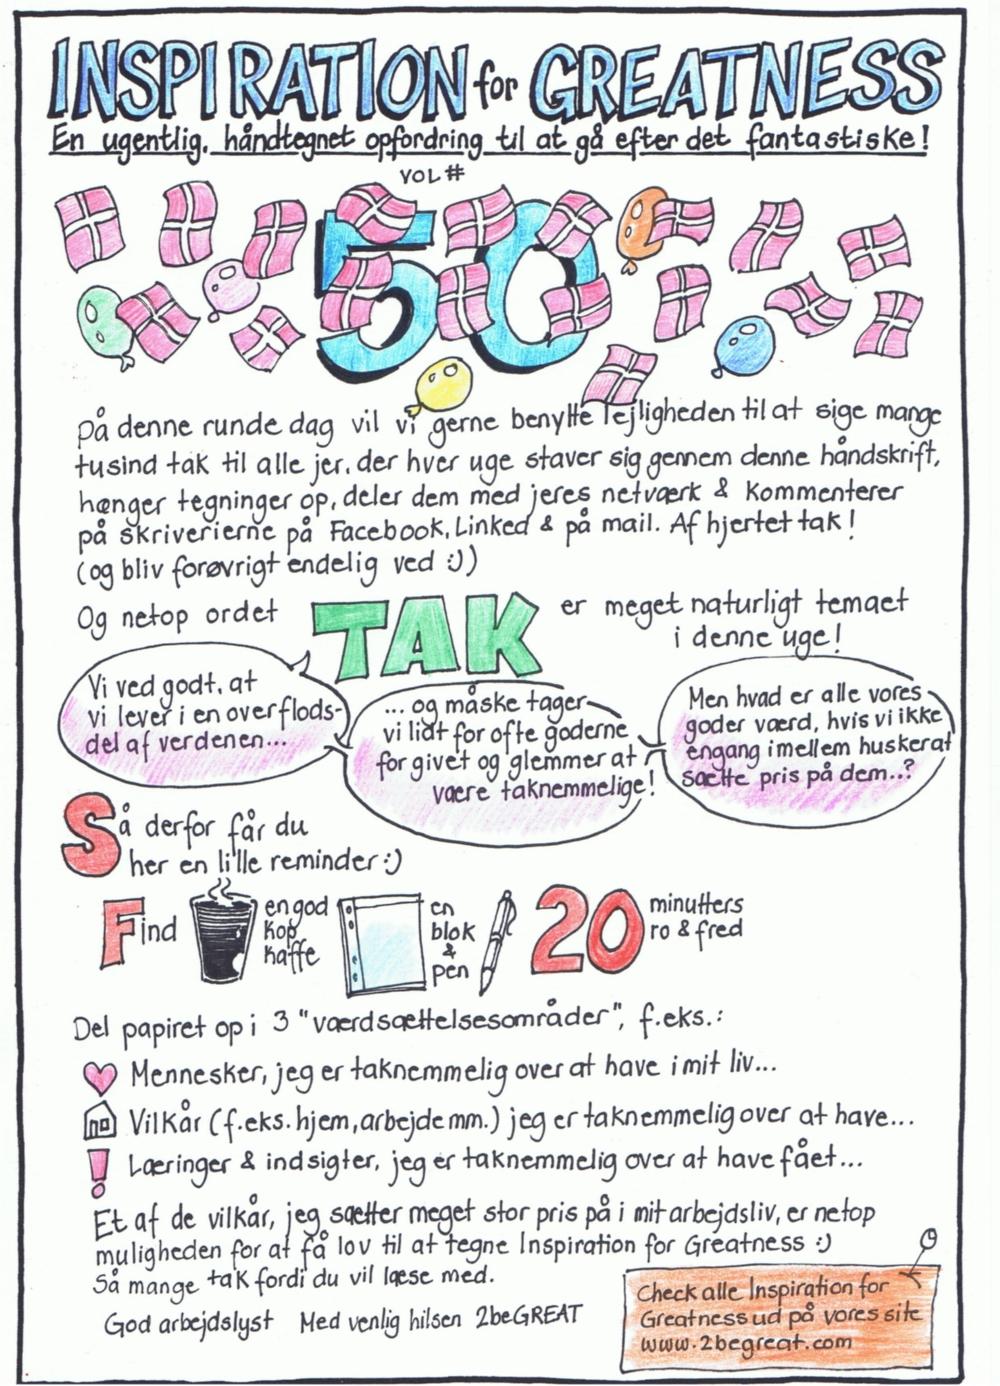 Vol# 50 - om taknemmelighed